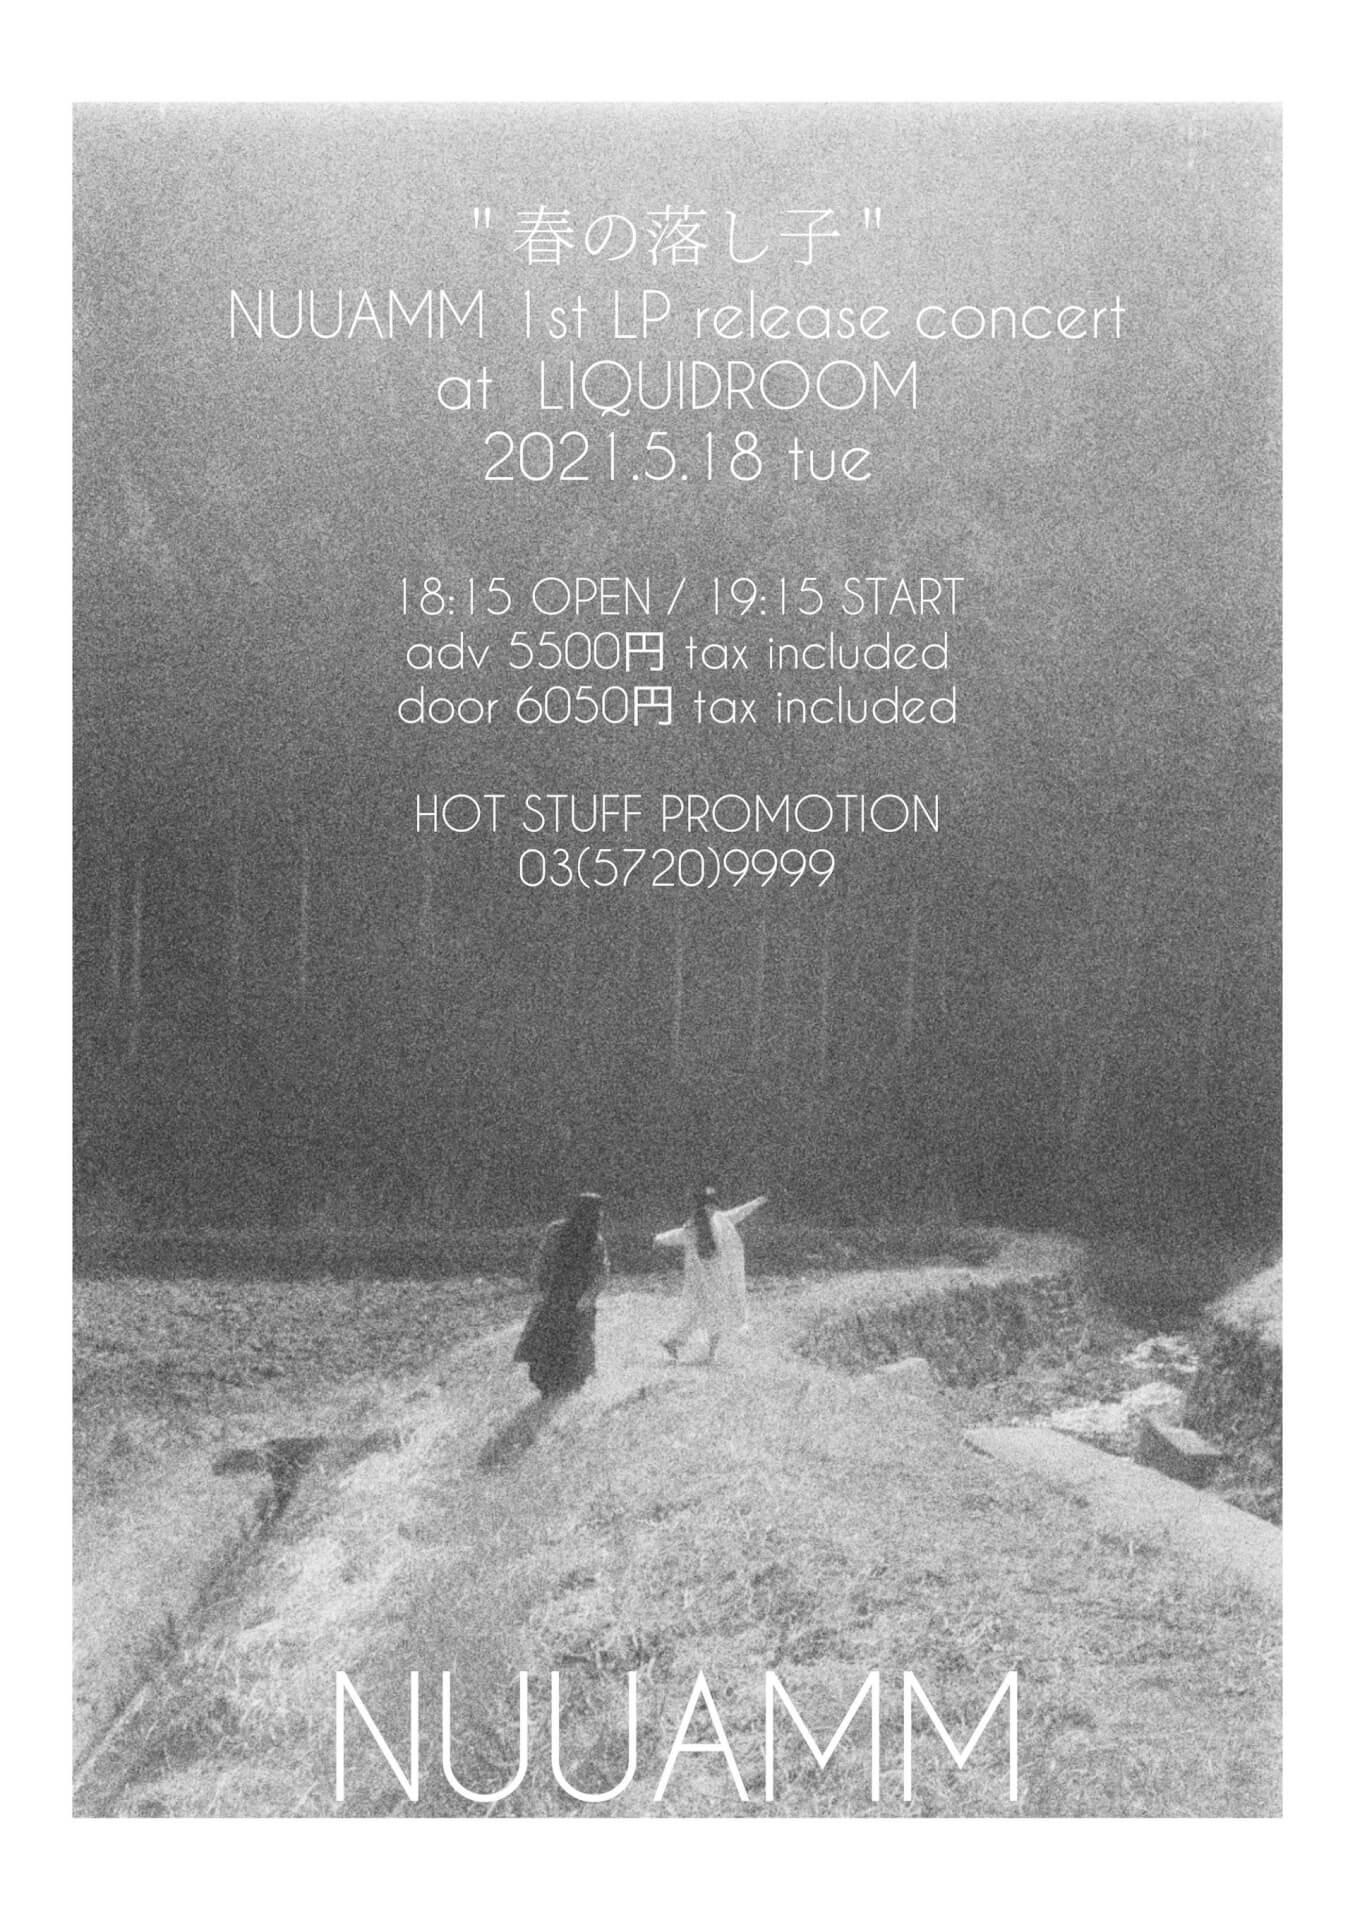 マヒトゥ・ザ・ピーポー×青葉市子のユニットNUUAMMの1stアルバムレコード発売記念コンサートが恵比寿LIQUIDROOMにて開催! music210409_rnuuamm-210409_1